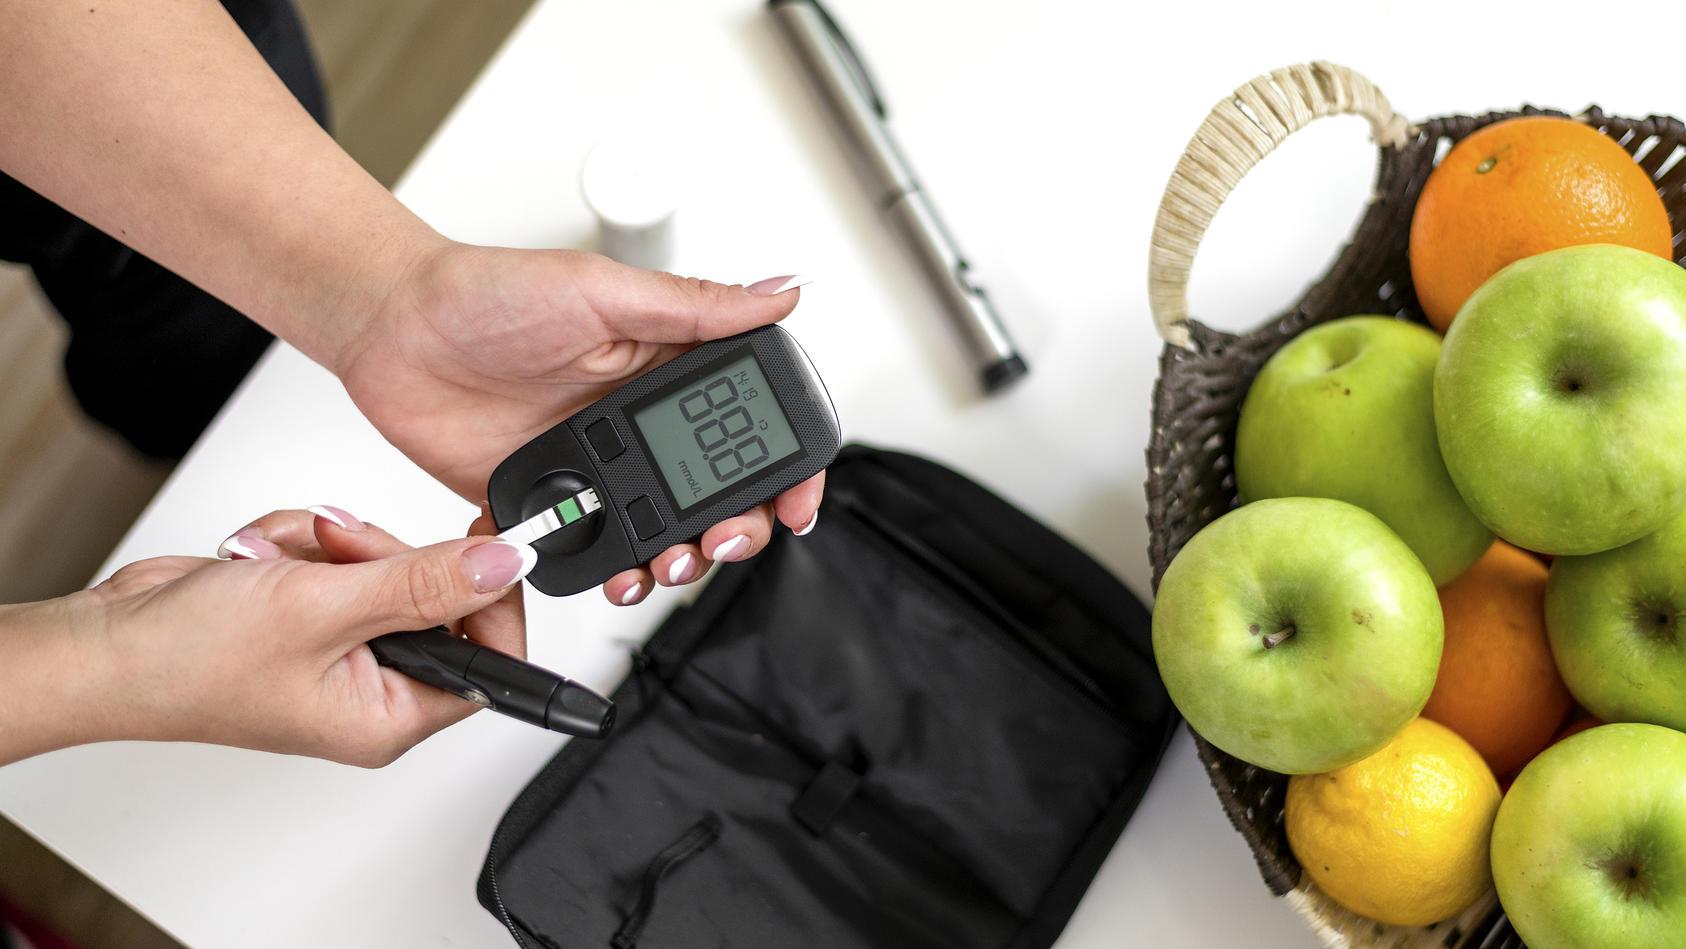 Hohe Blutzuckerwerte deuten auf Diabetes hin